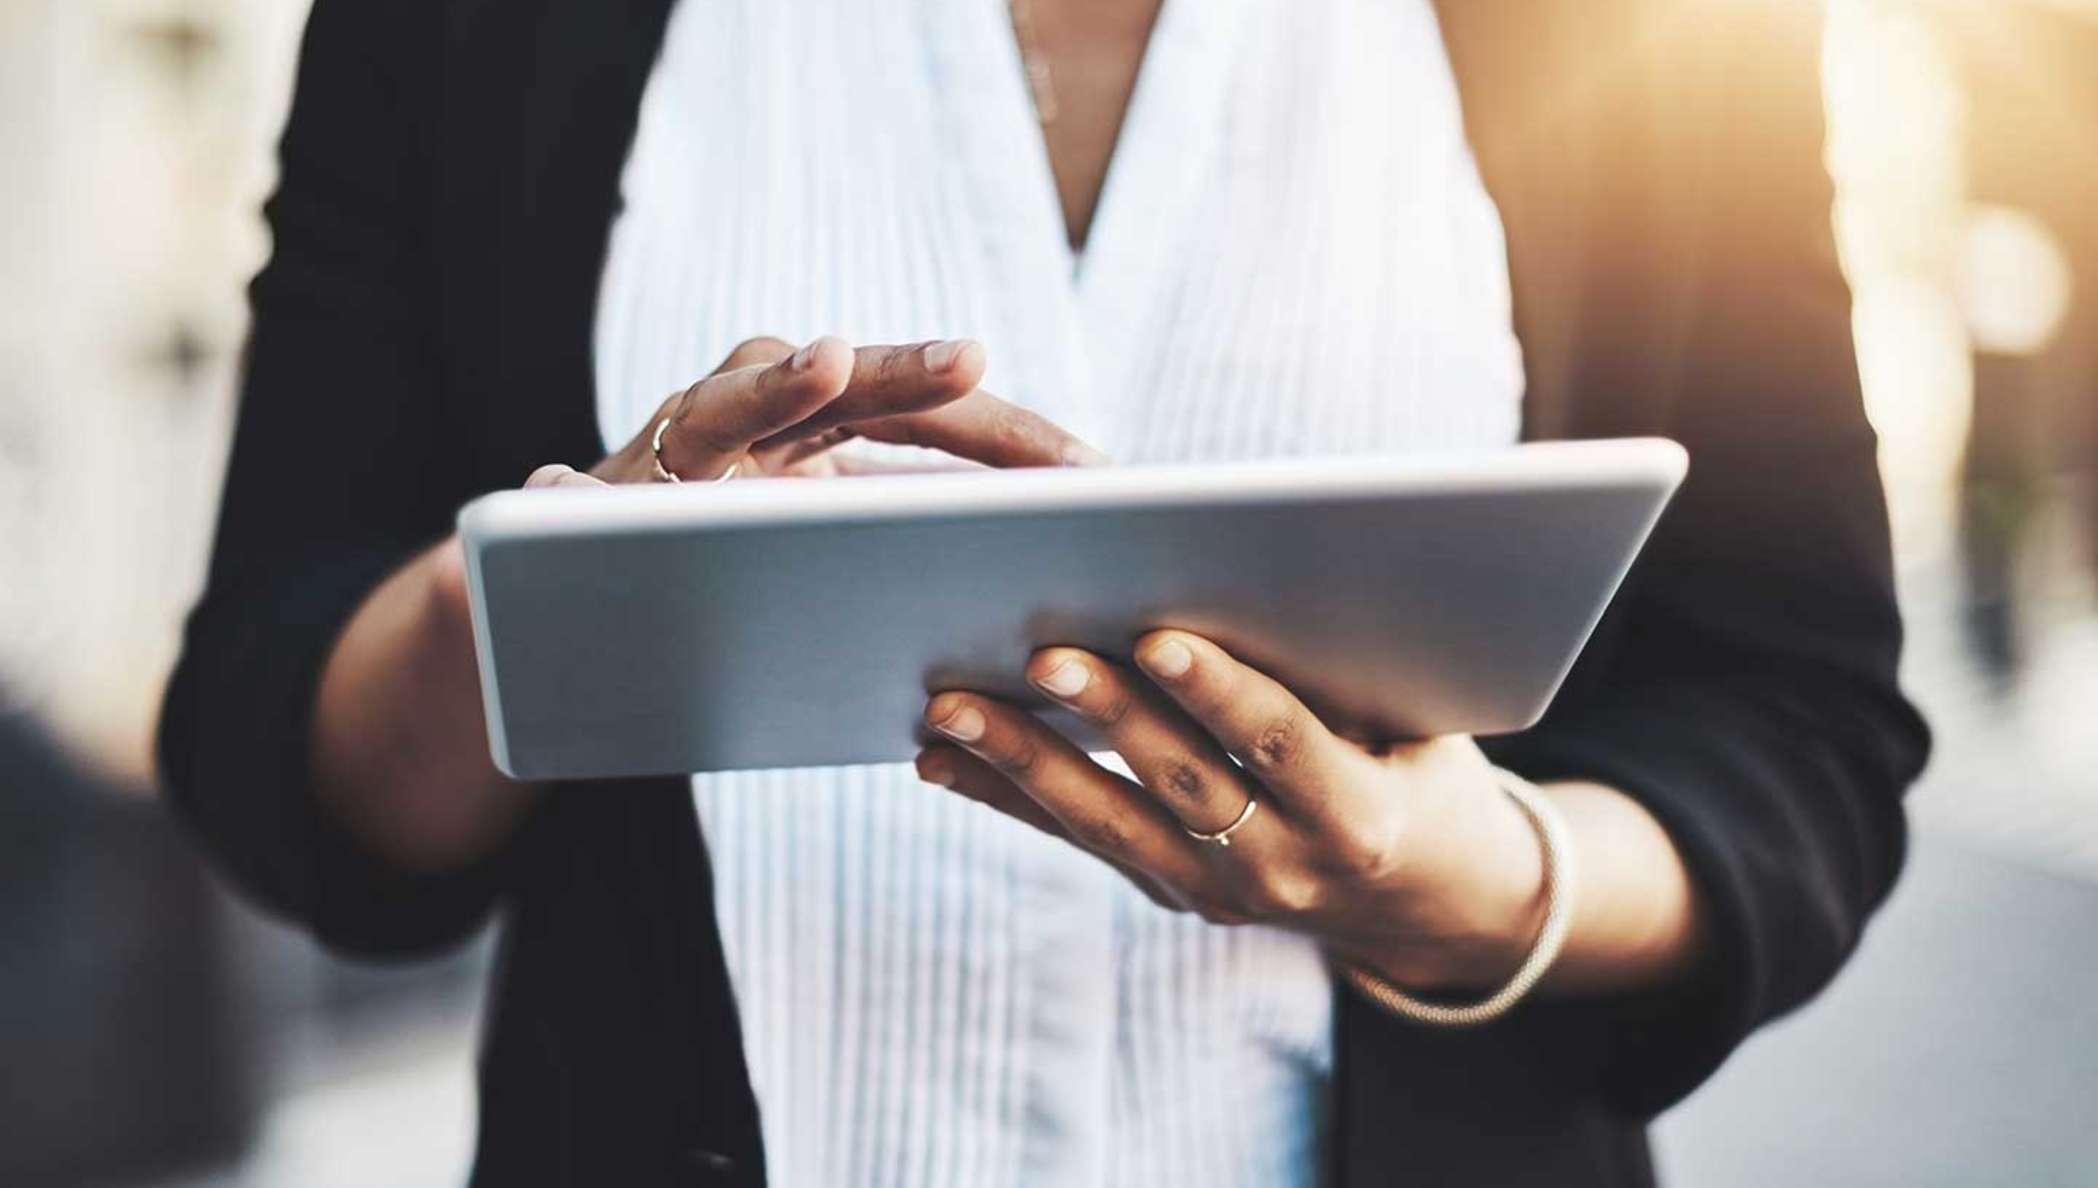 Uma executiva conferindo informações sobre um documento para assinar em seu tablet